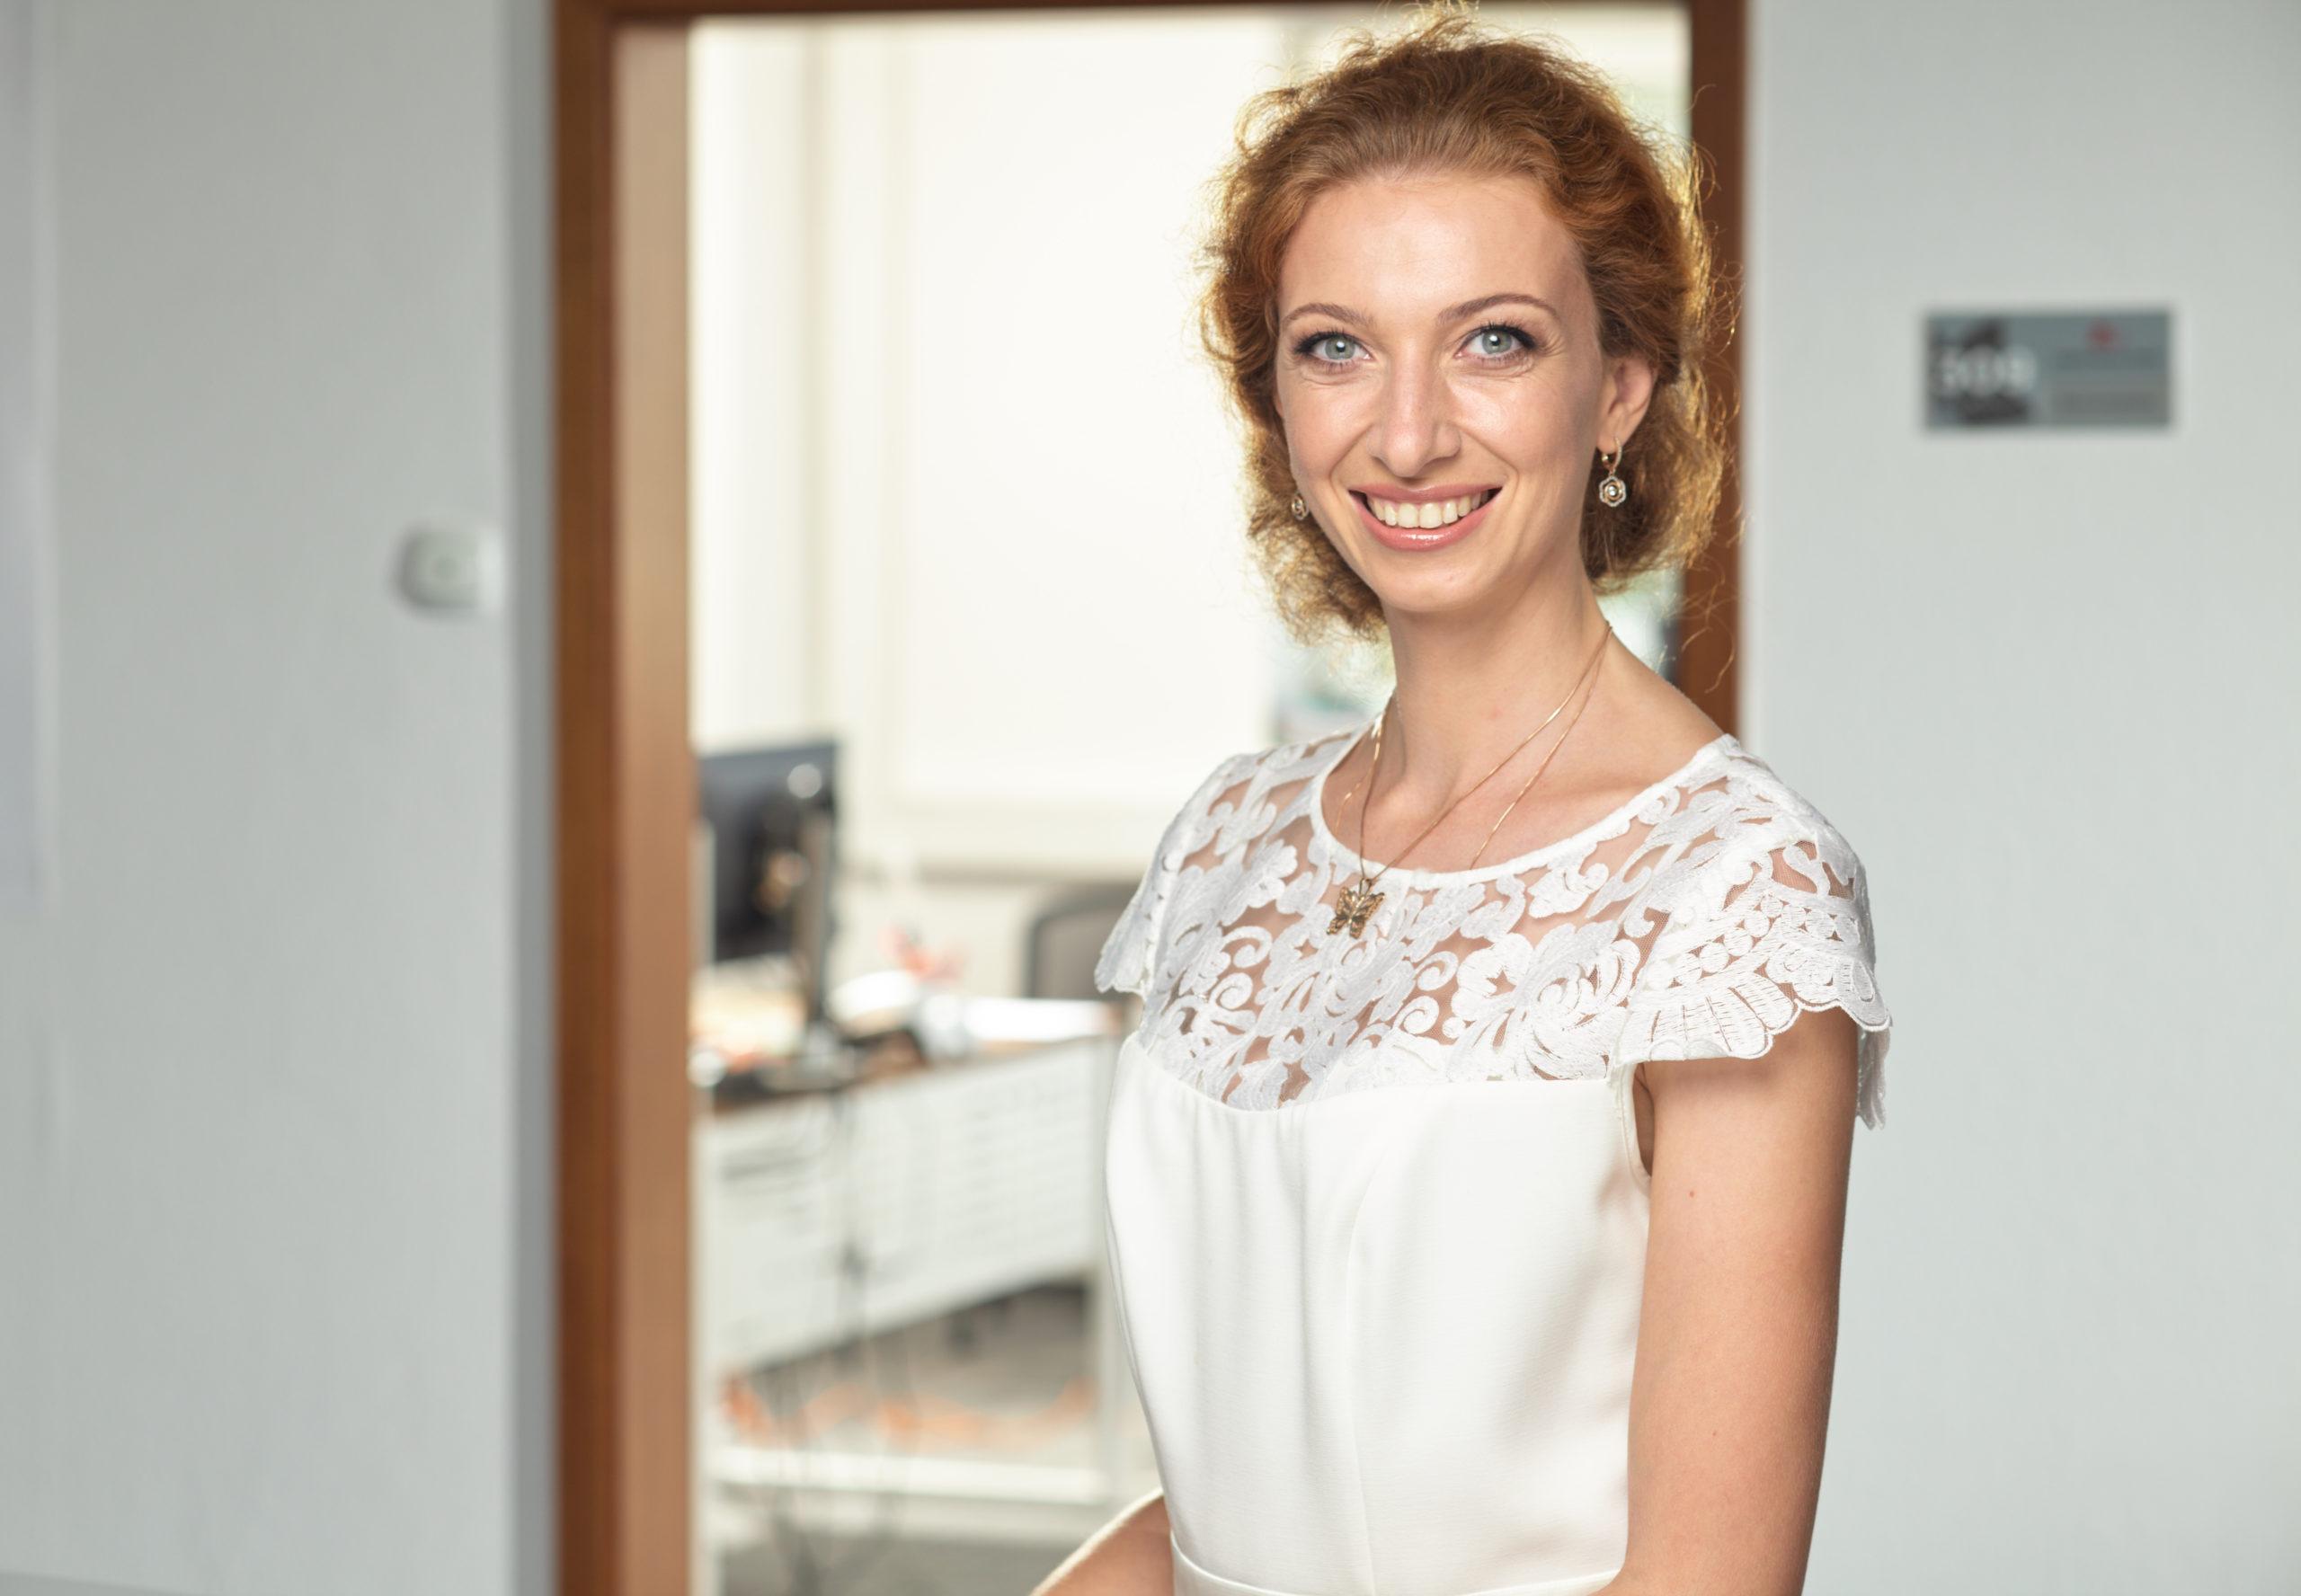 Юлия Завалишина: «При условии рационального акцизного налога и сбалансированного регулирования, рынок сигарет может сохранить объемы»